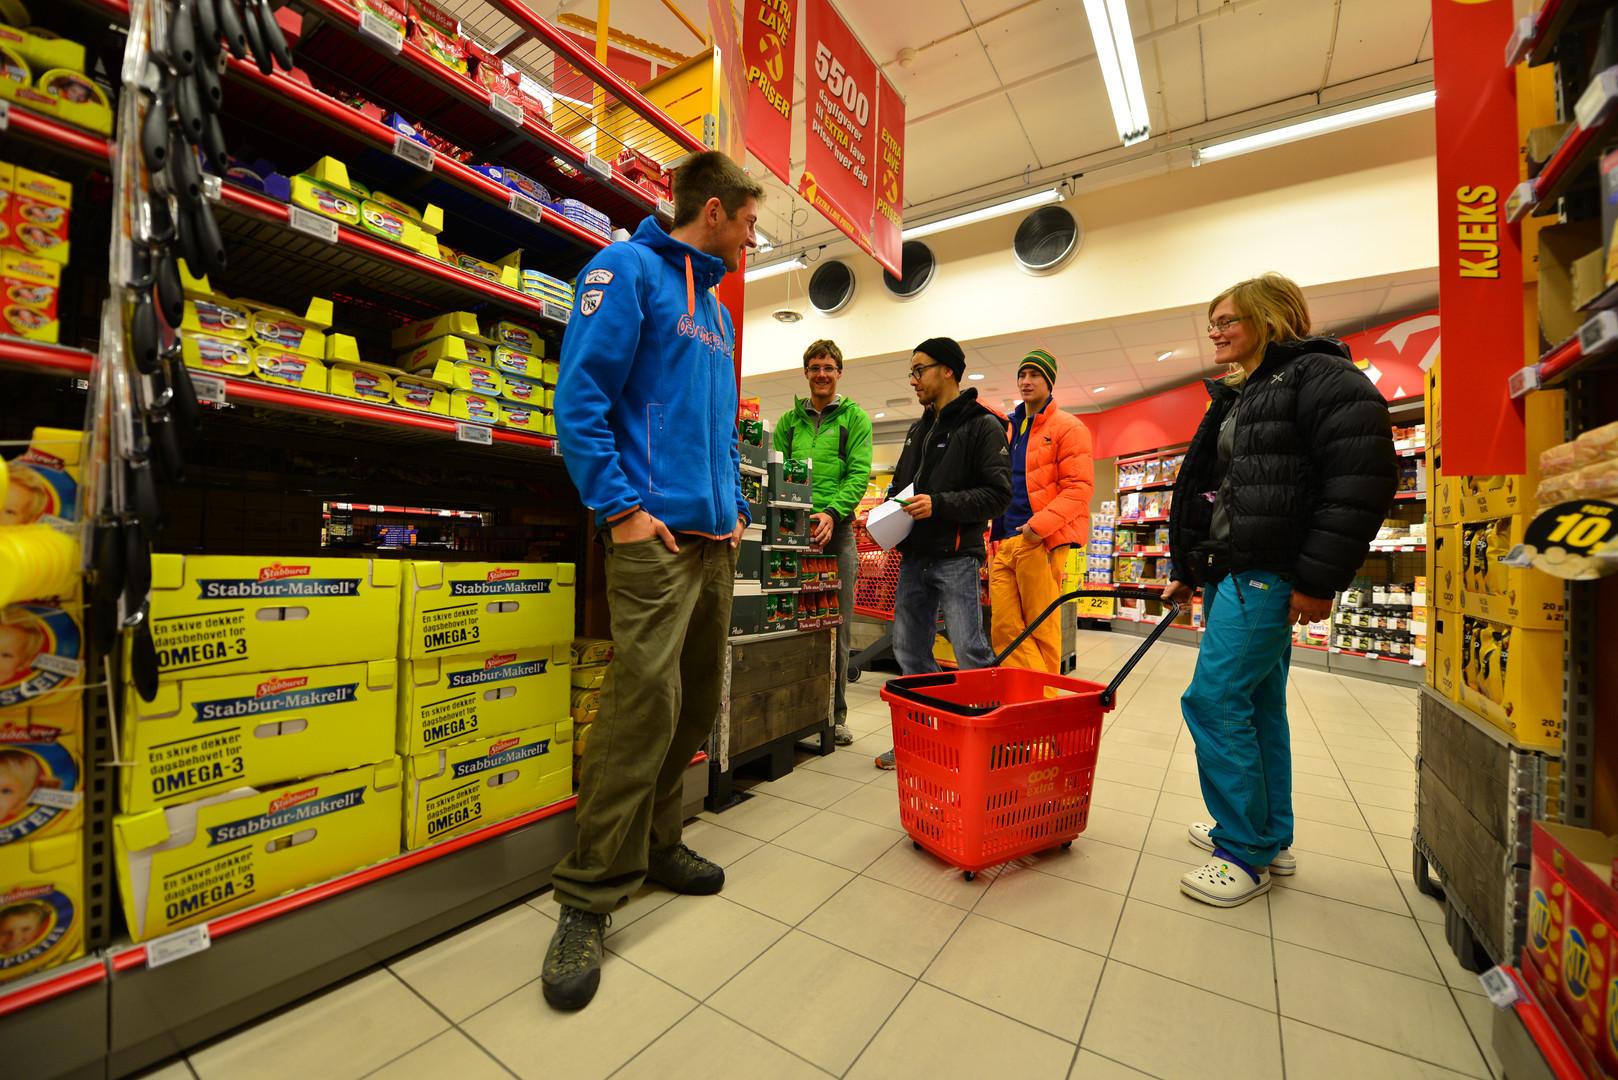 Einkaufen in Norwegen